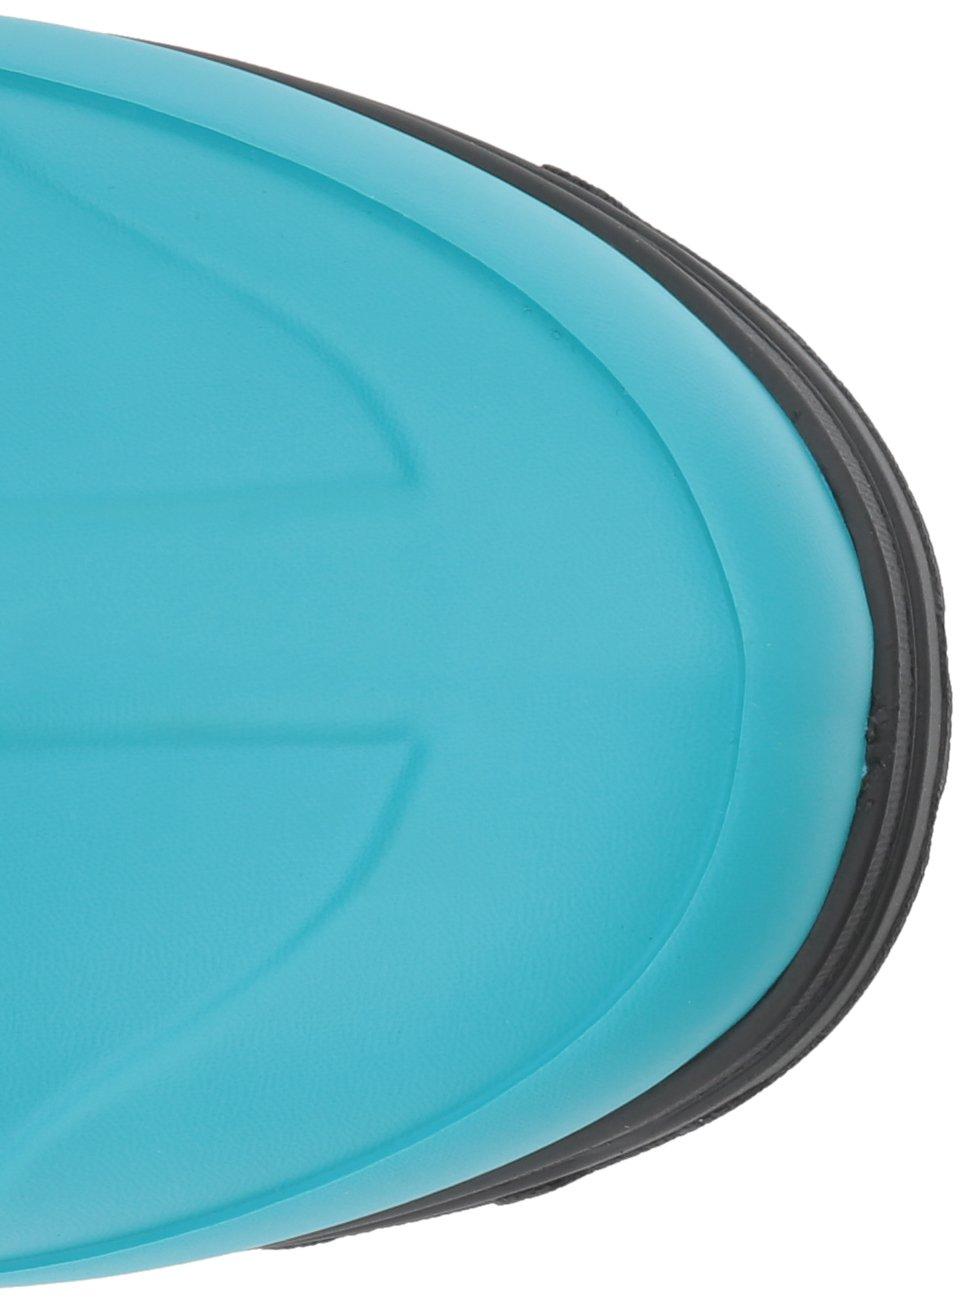 Ariat Women's Springfield Rubber Work Boot B01MRBMLJI 5.5 B / Medium(Width)|Bright Aqua